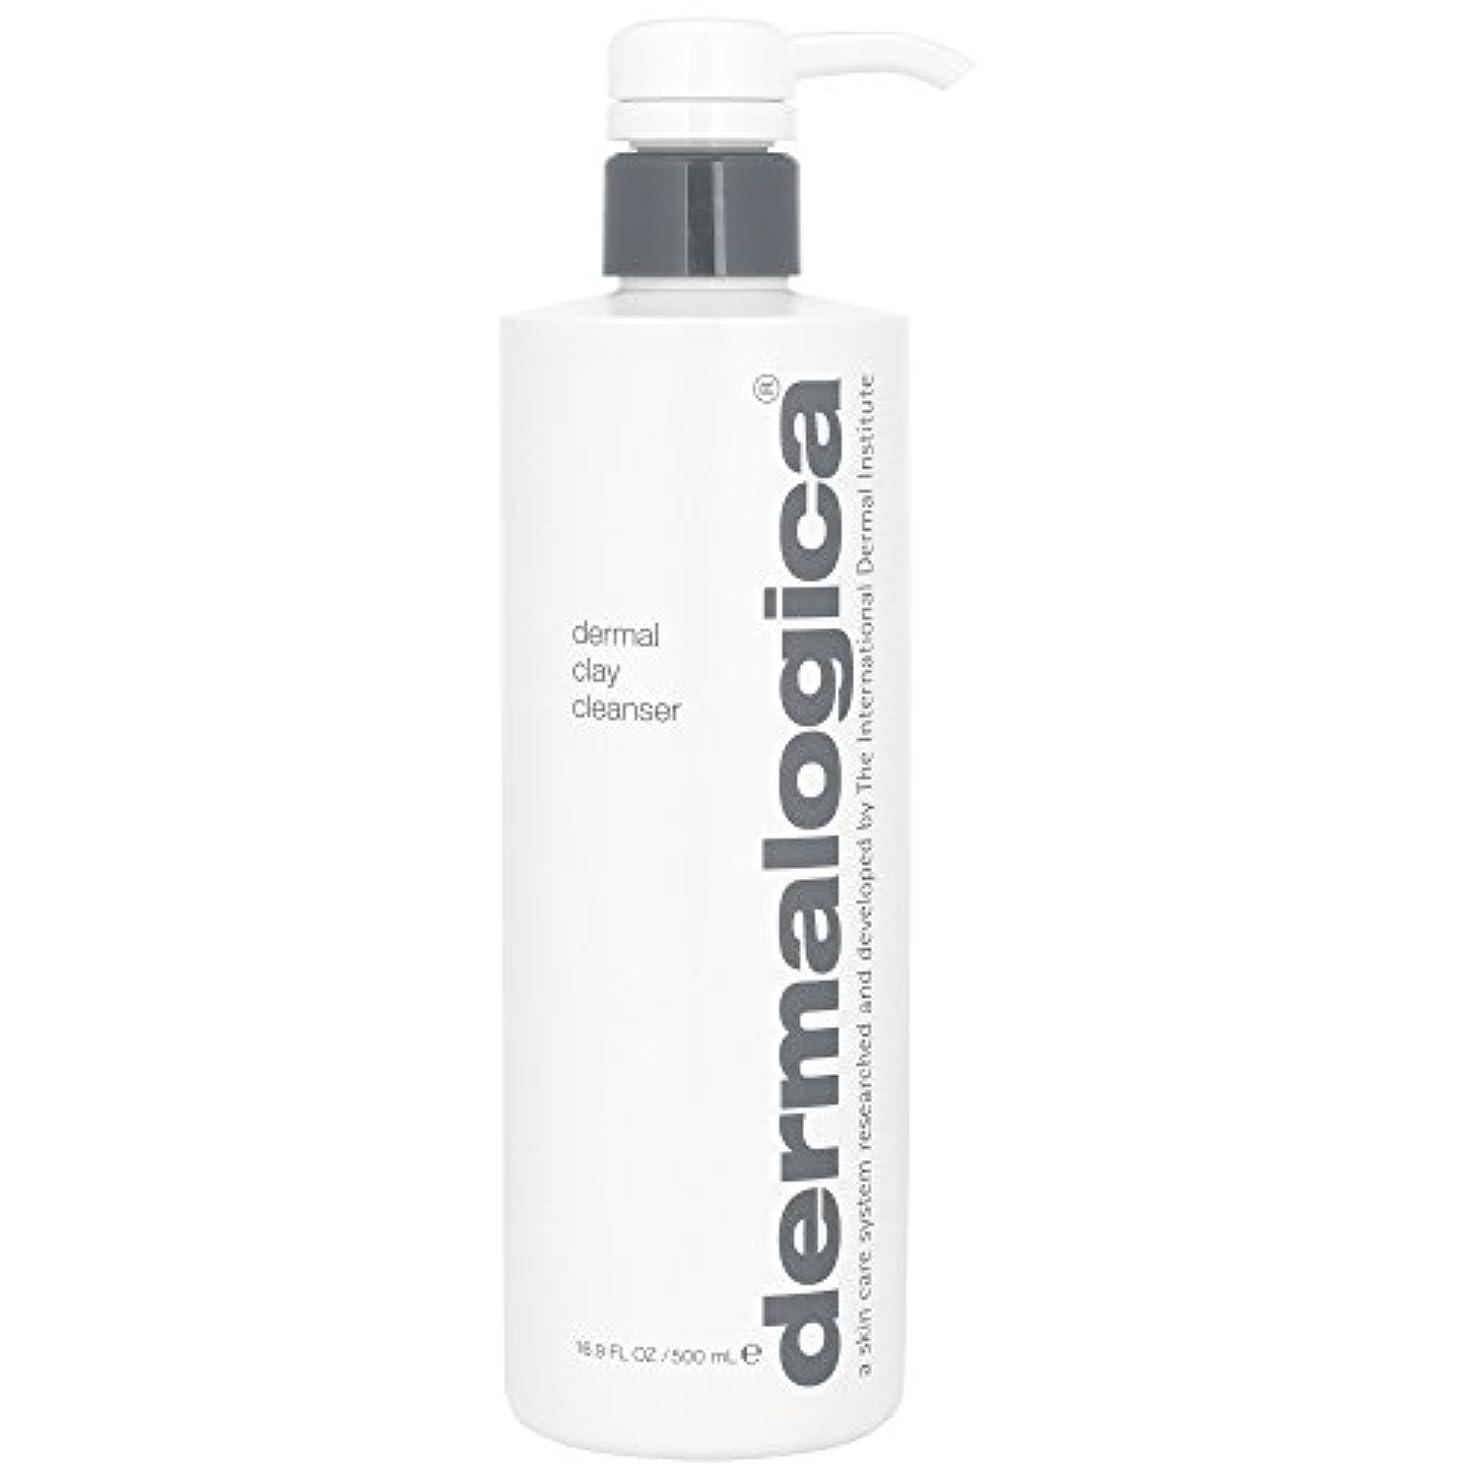 ゴネリル最終的に結婚したダーマロジカ真皮クレイクレンザー500ミリリットル (Dermalogica) (x6) - Dermalogica Dermal Clay Cleanser 500ml (Pack of 6) [並行輸入品]